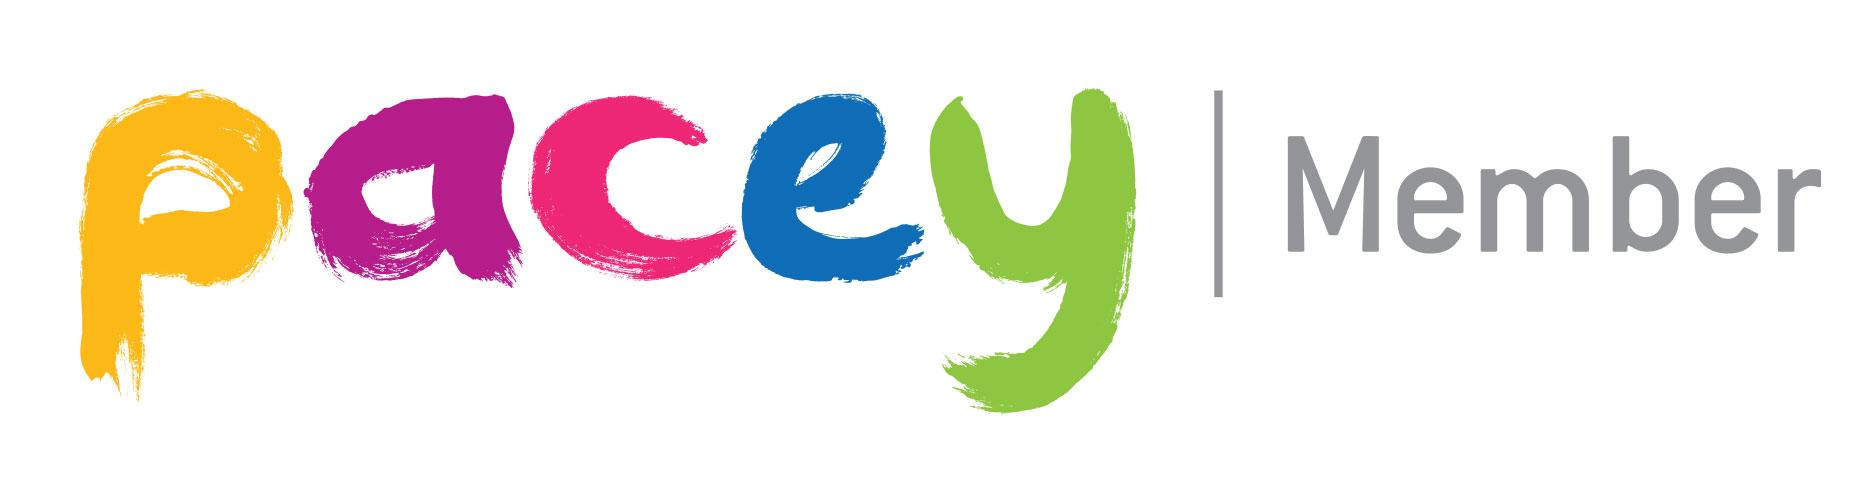 PACEY_MEMBER